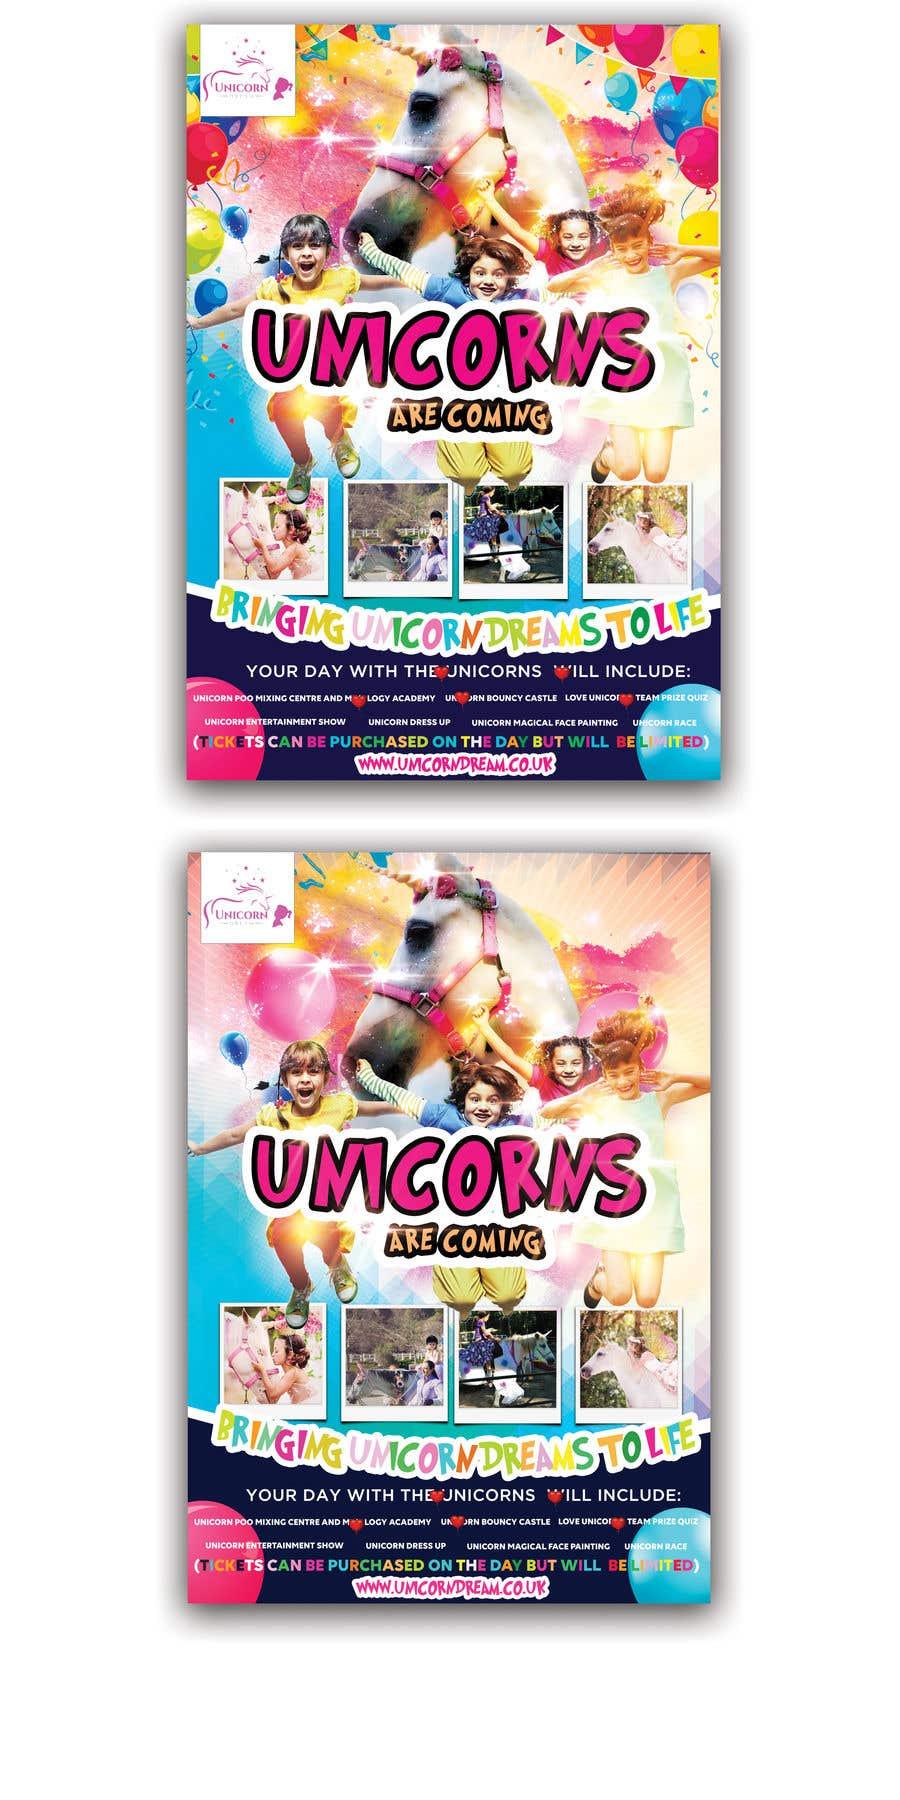 Proposition n°204 du concours Flyer Design Kinds Unicorn Event